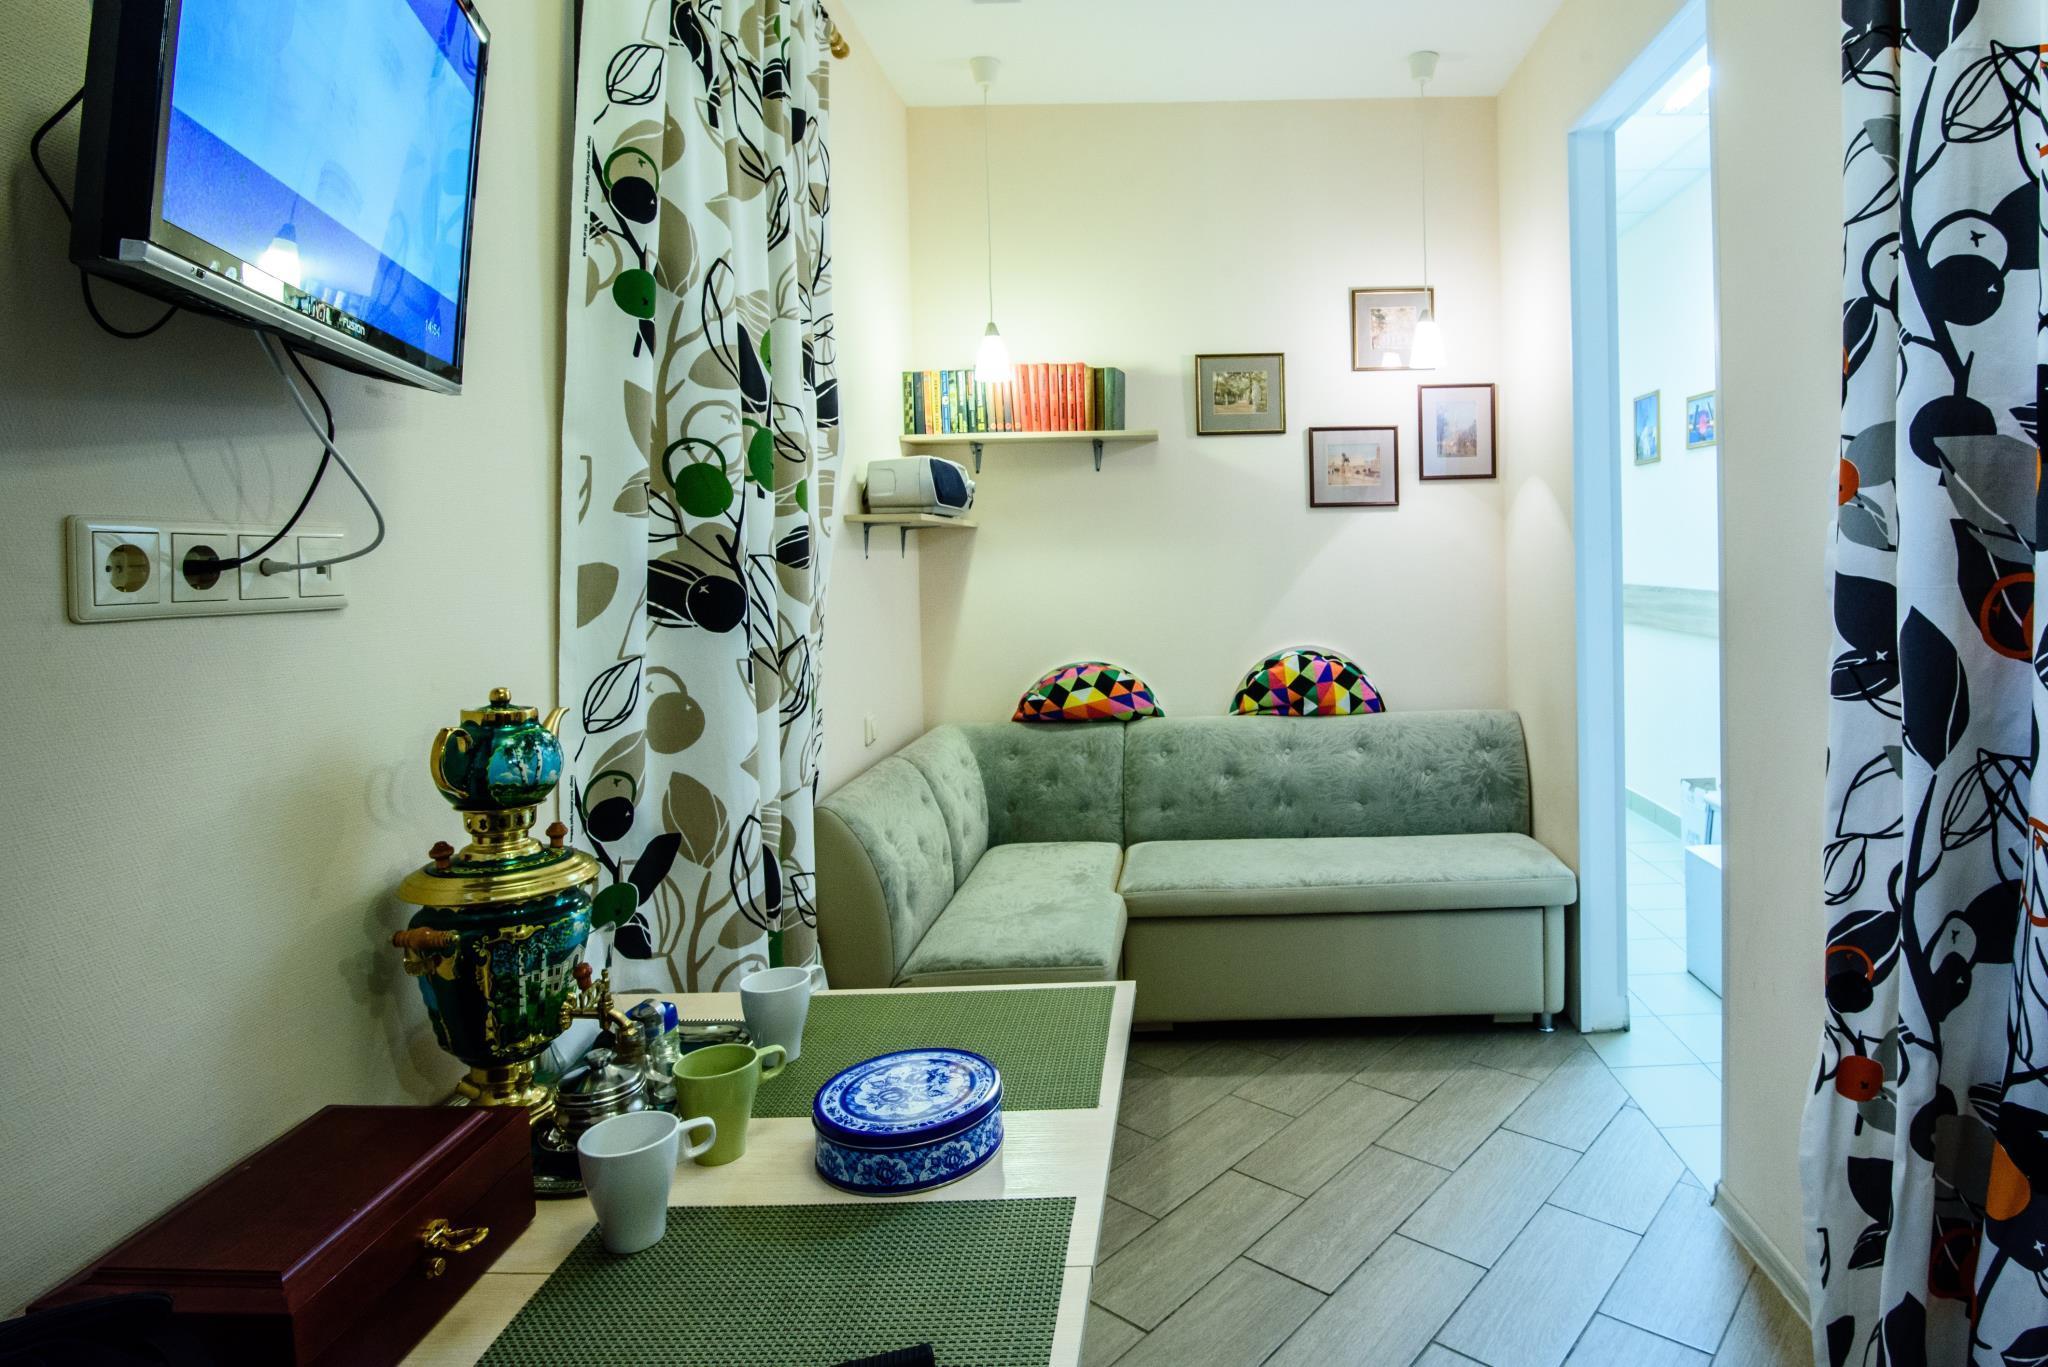 Price Chemodan mini-hotel